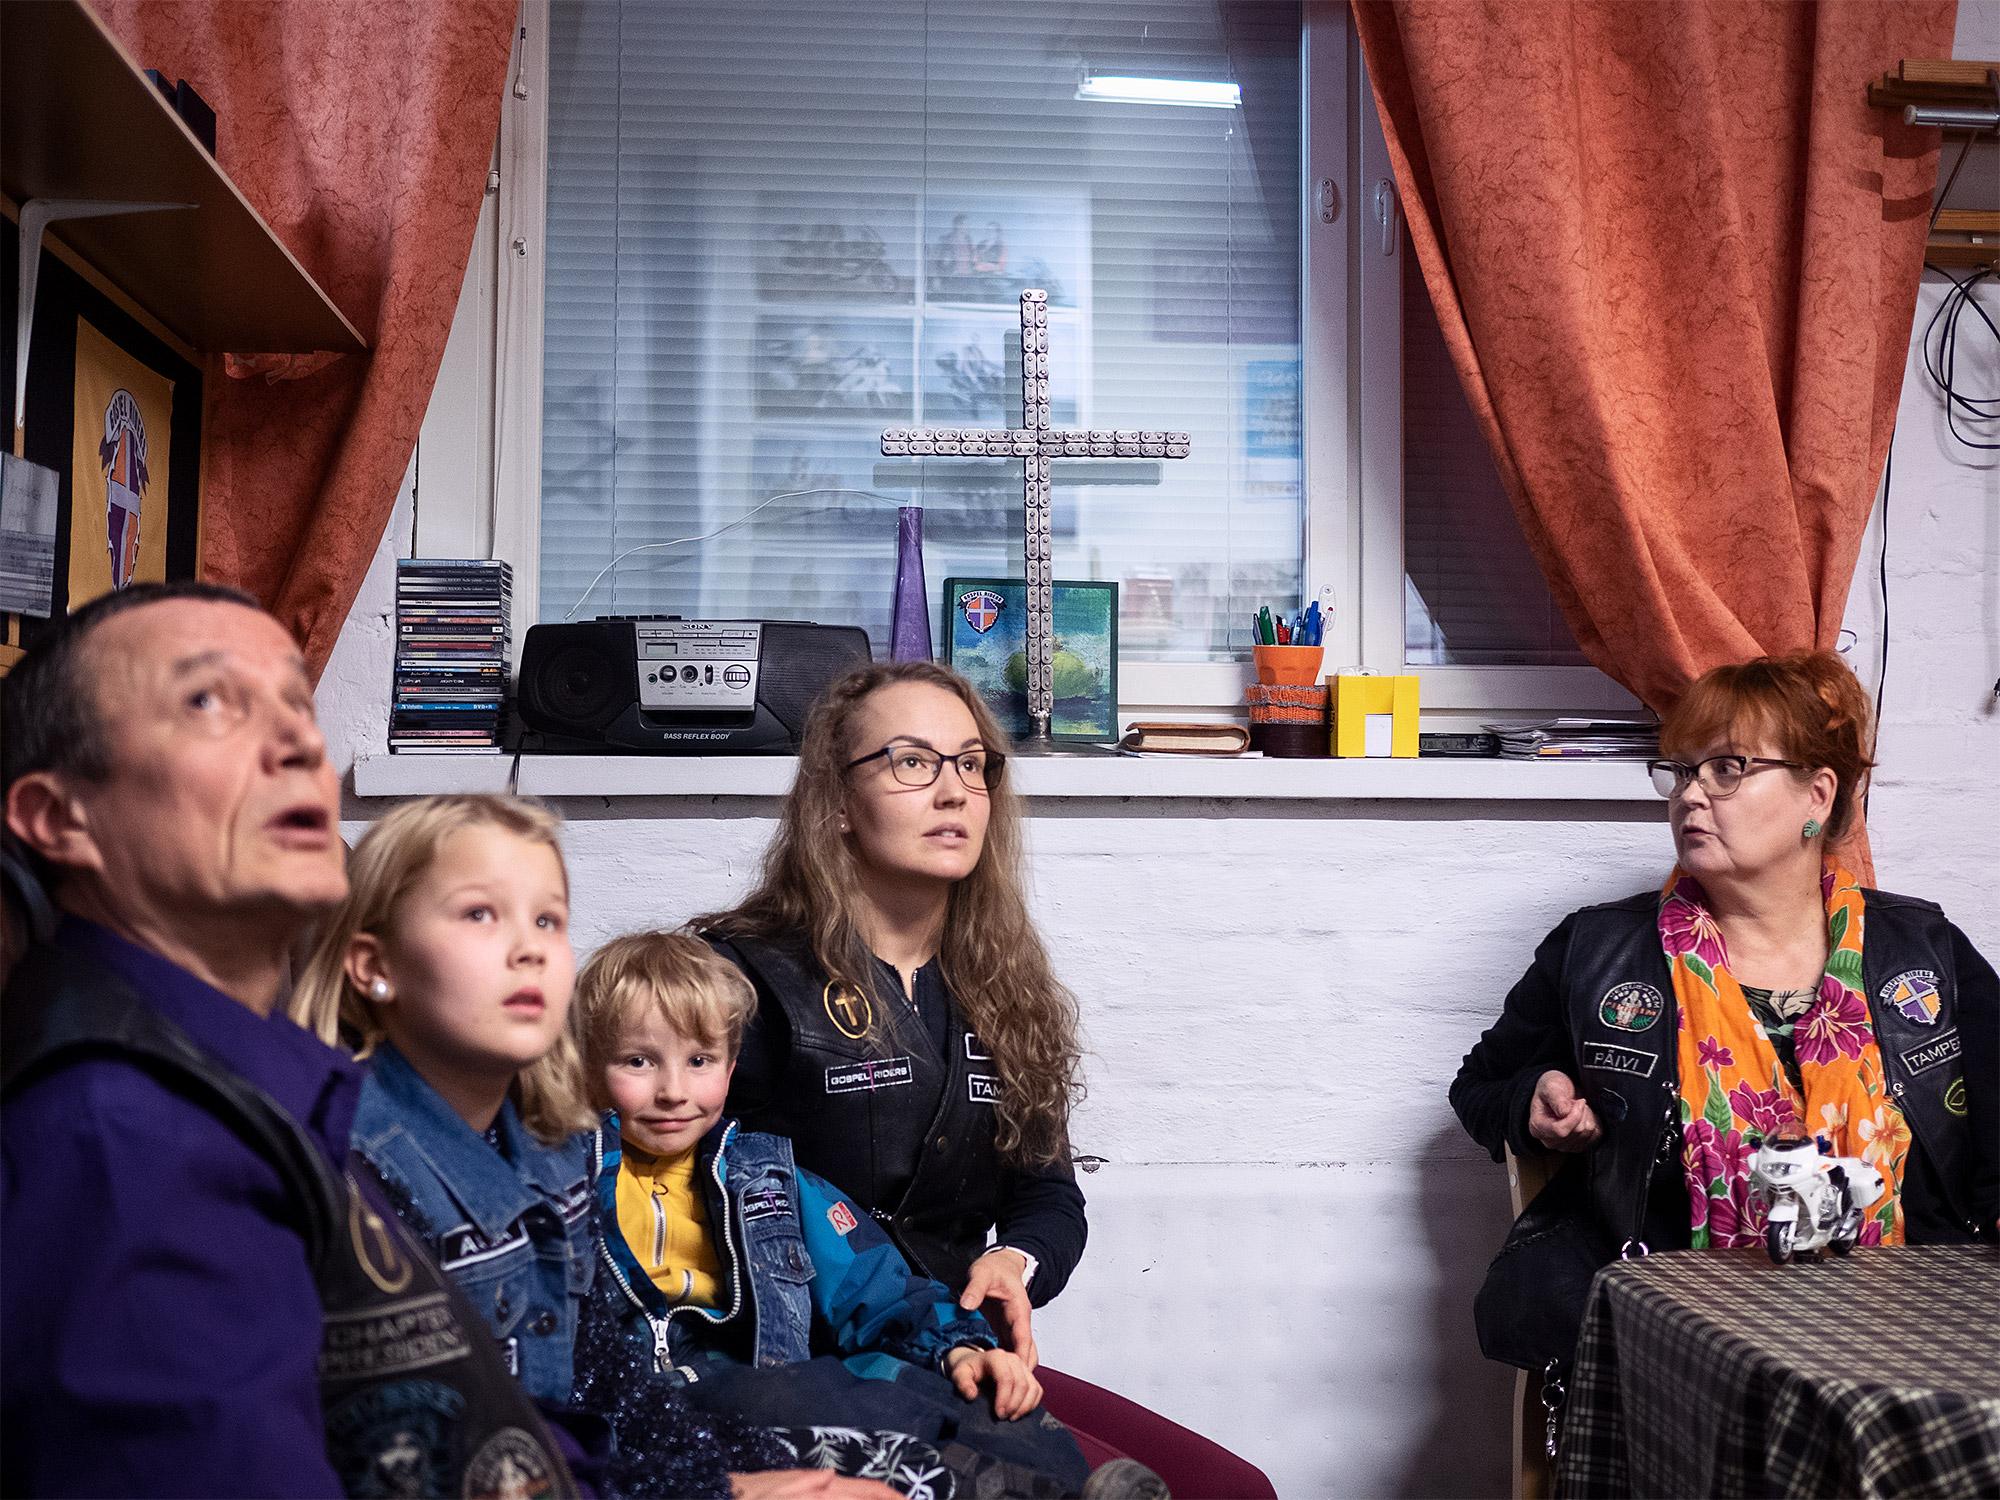 Kuvassa on kolme aikuista ja kaksi lasta. Kaksi aikuisista ja toinen lapsi katselee yläviistoon, pienempi lapsi katsoo suoraan kameraan. Kolmas aikuinen istuu hieman erillään muista pöydän ääressä, ja katsoo muuta porukkaa. Heillä kaikilla on nahkaiset kerholiivit päällä. Henkilöiden takana näkyy ikkunalauta, jossa on metallista valmistettu risti ja muita tavaroita kuten radio ja kasa cd-levyjä.